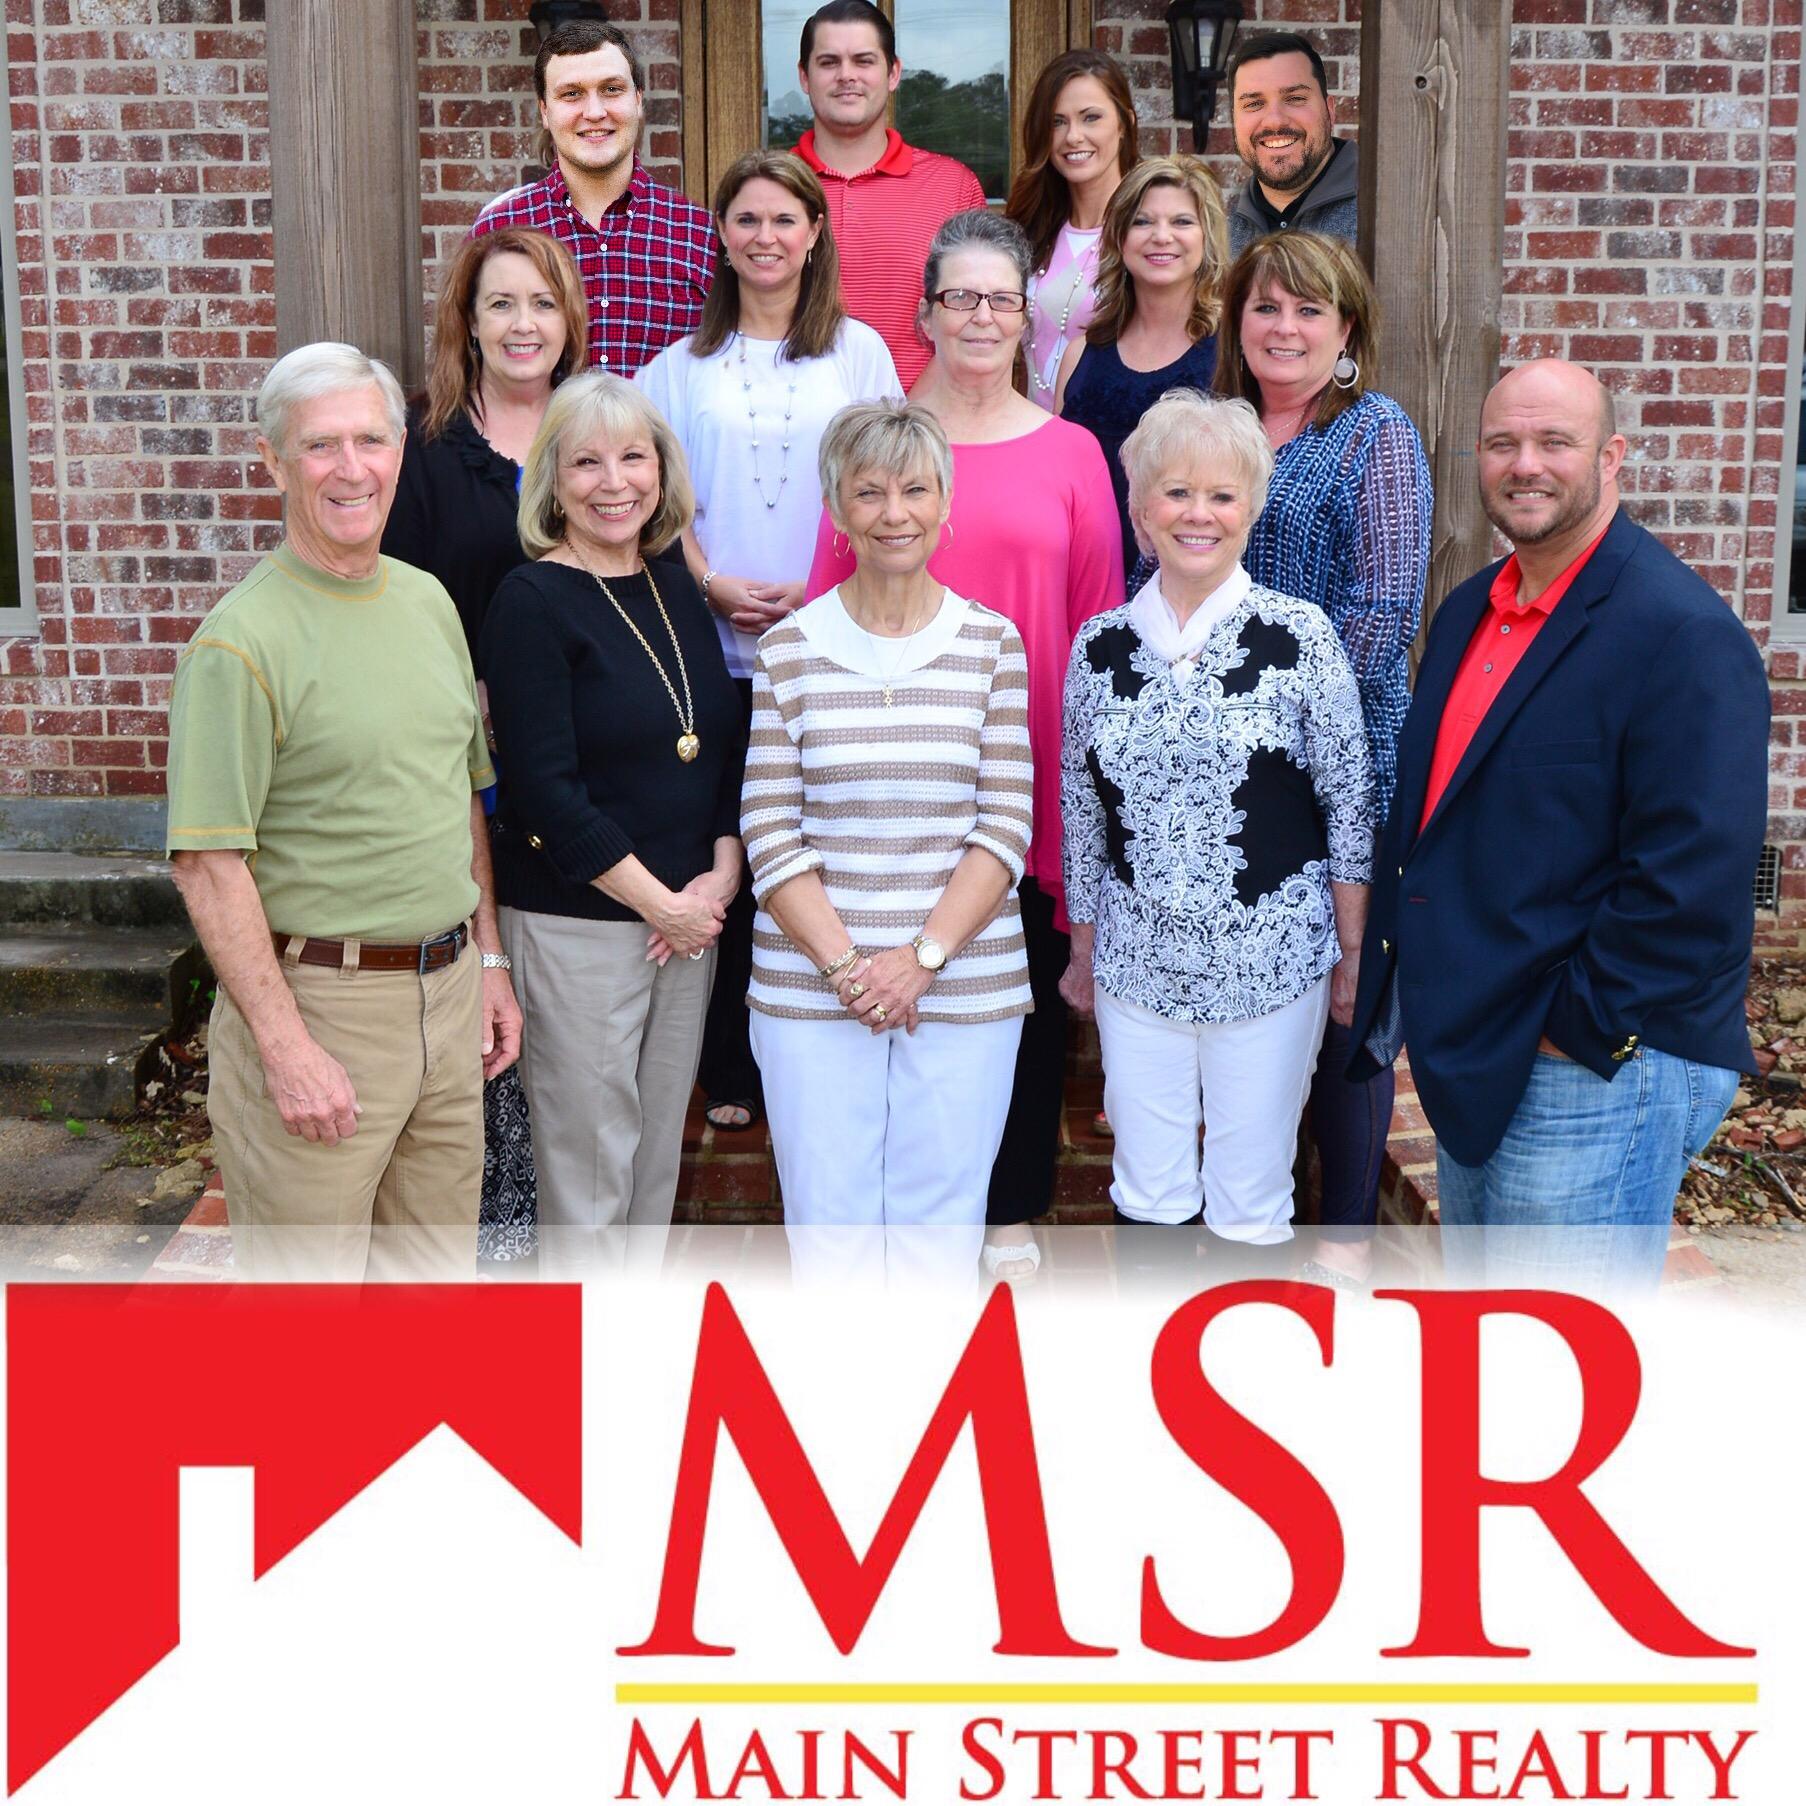 Main Street Realty